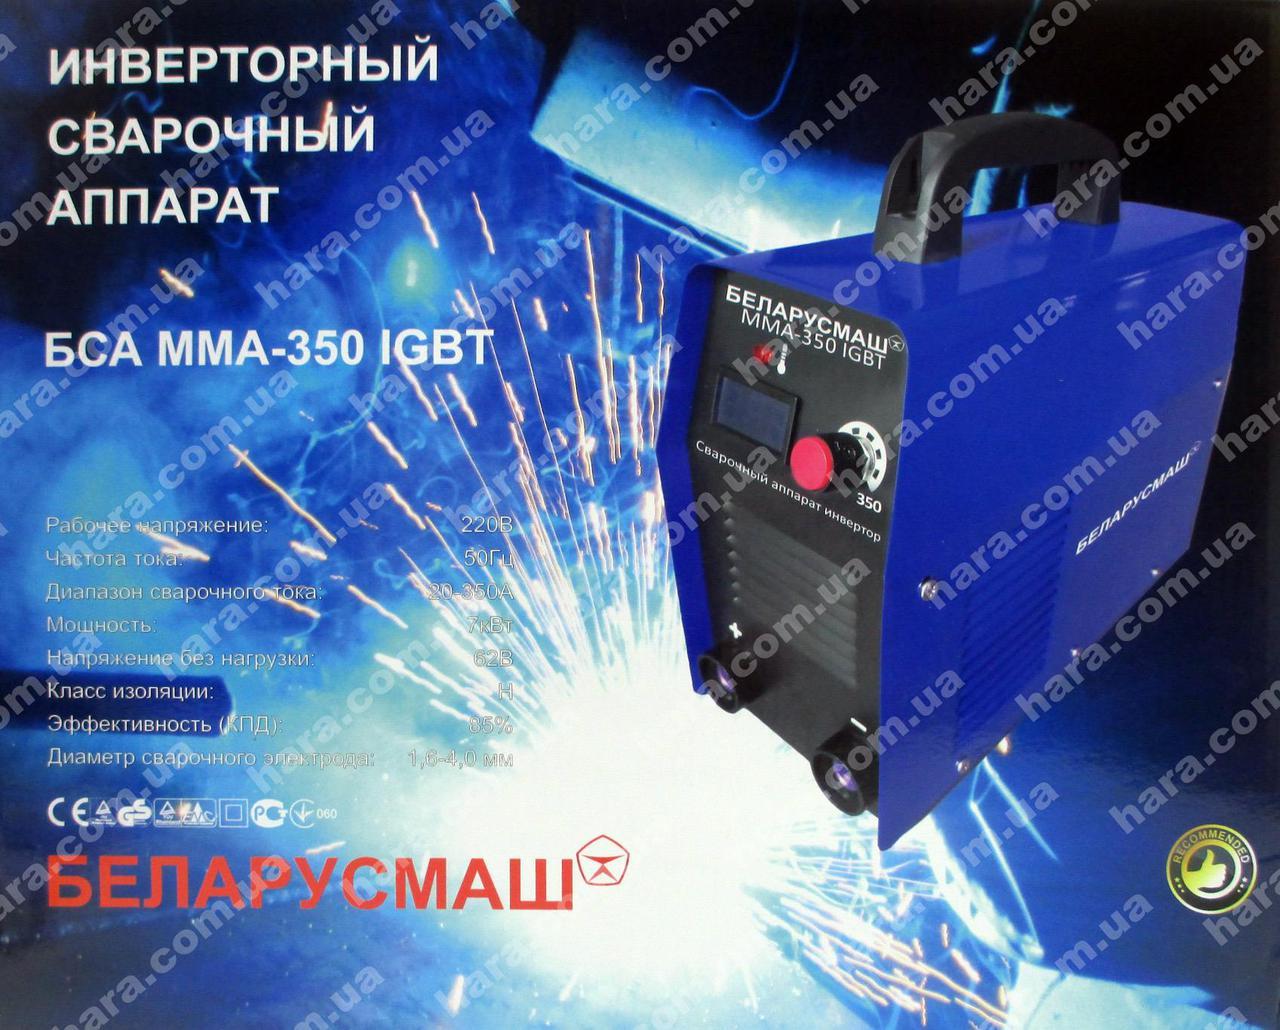 Сварочный инвертор Беларусмаш ММА-350